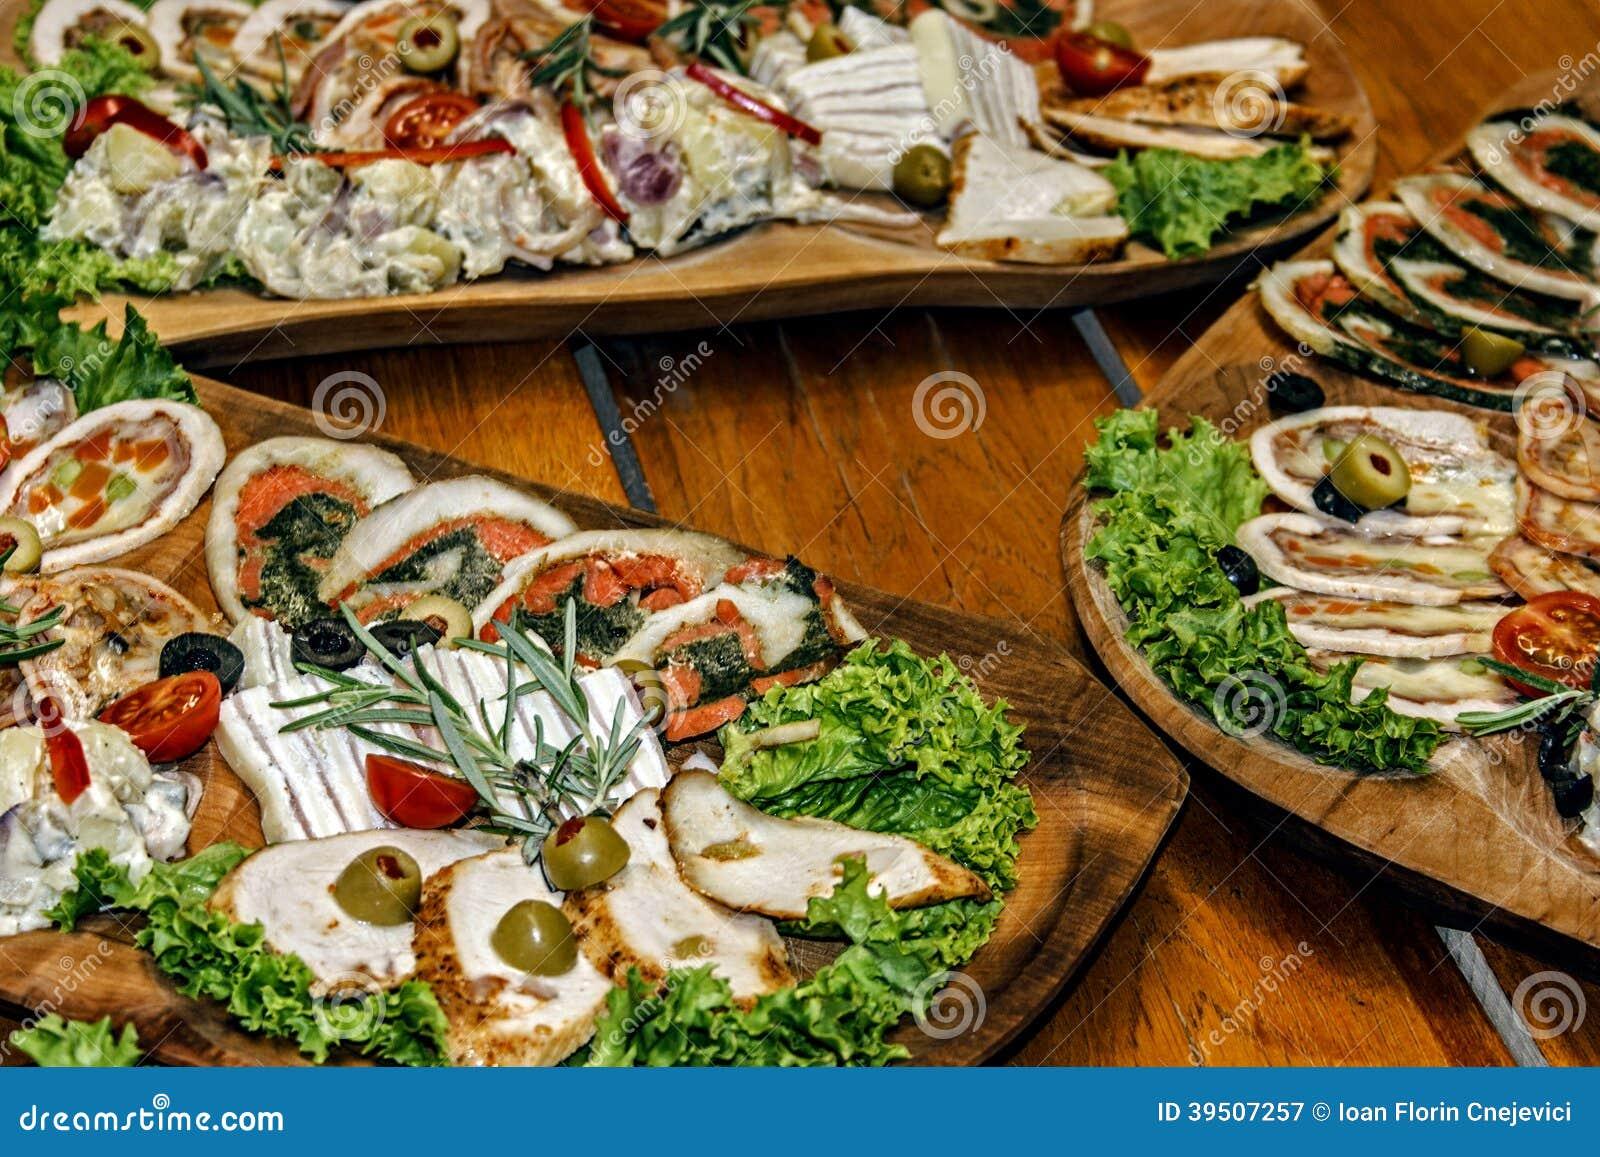 Arrangement of food 50